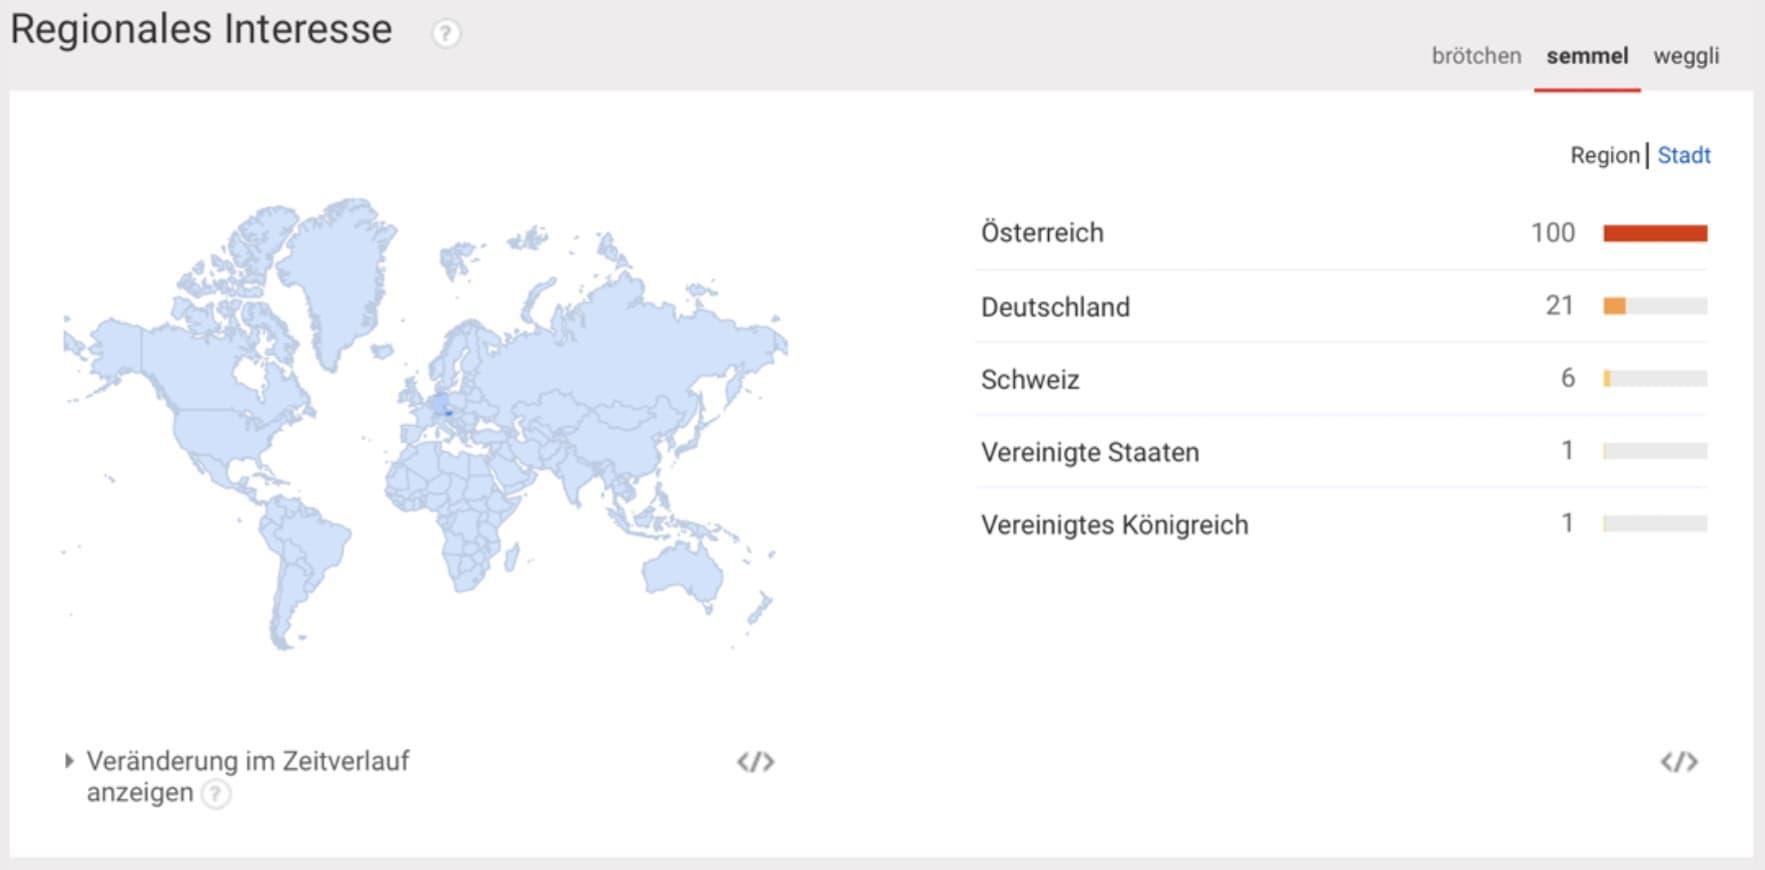 Regionales Interesse der Keywords Semmel in Österreich bei Google Trends